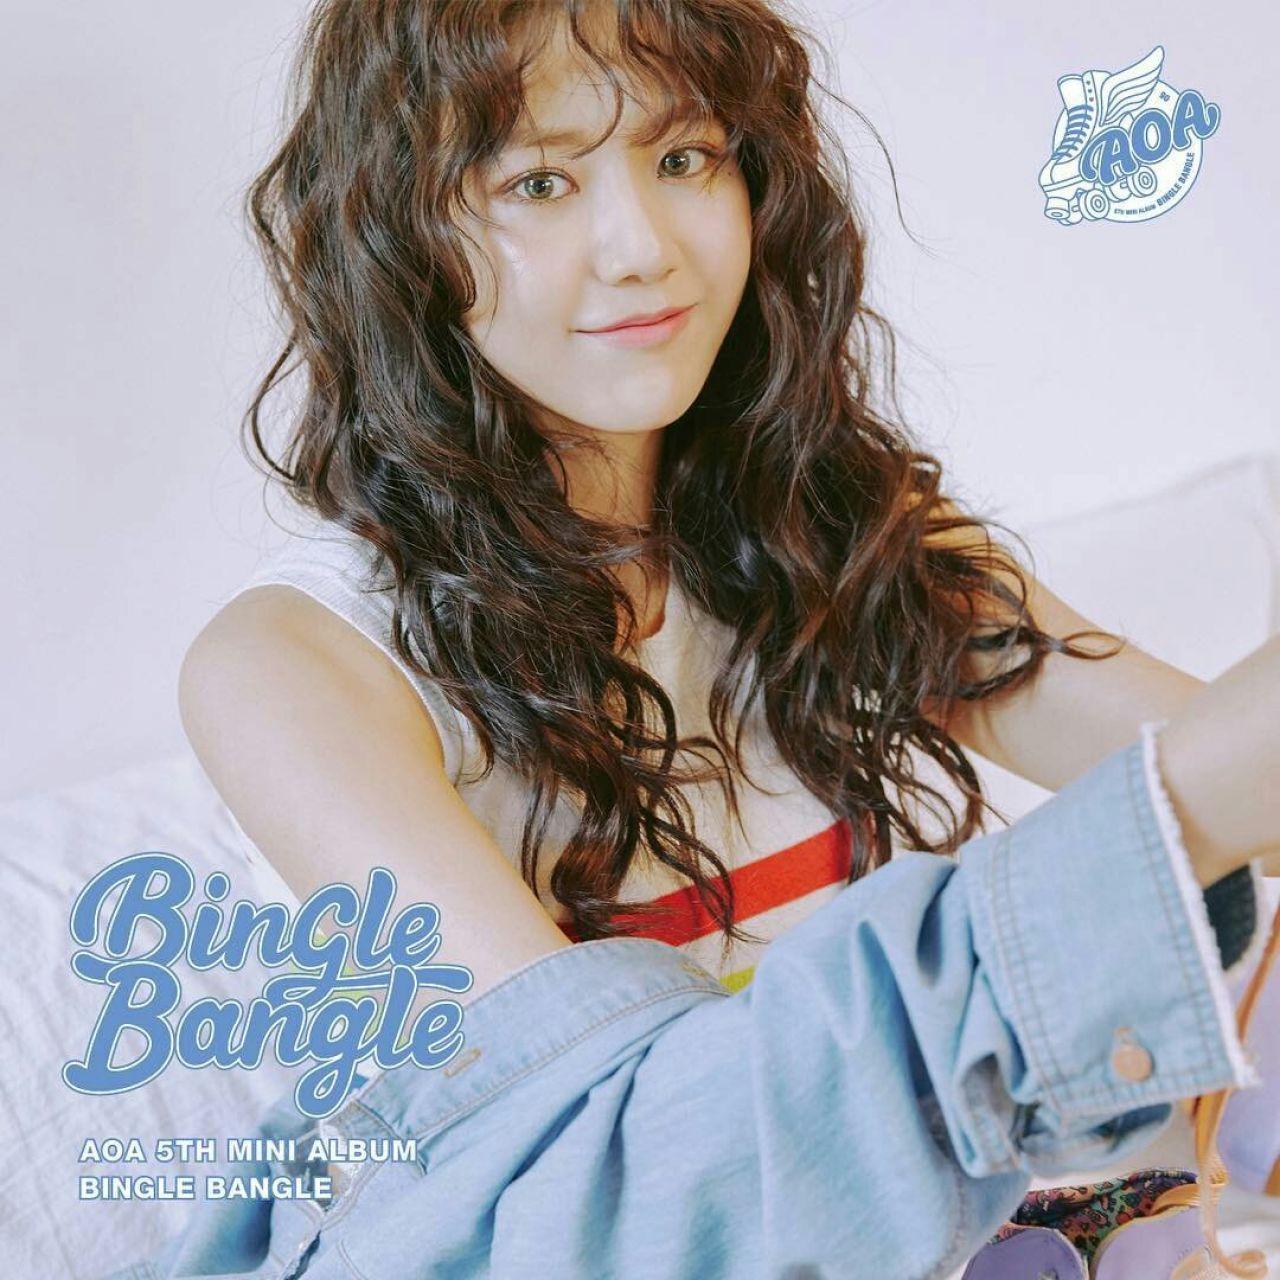 Aoa Bingle Bangle